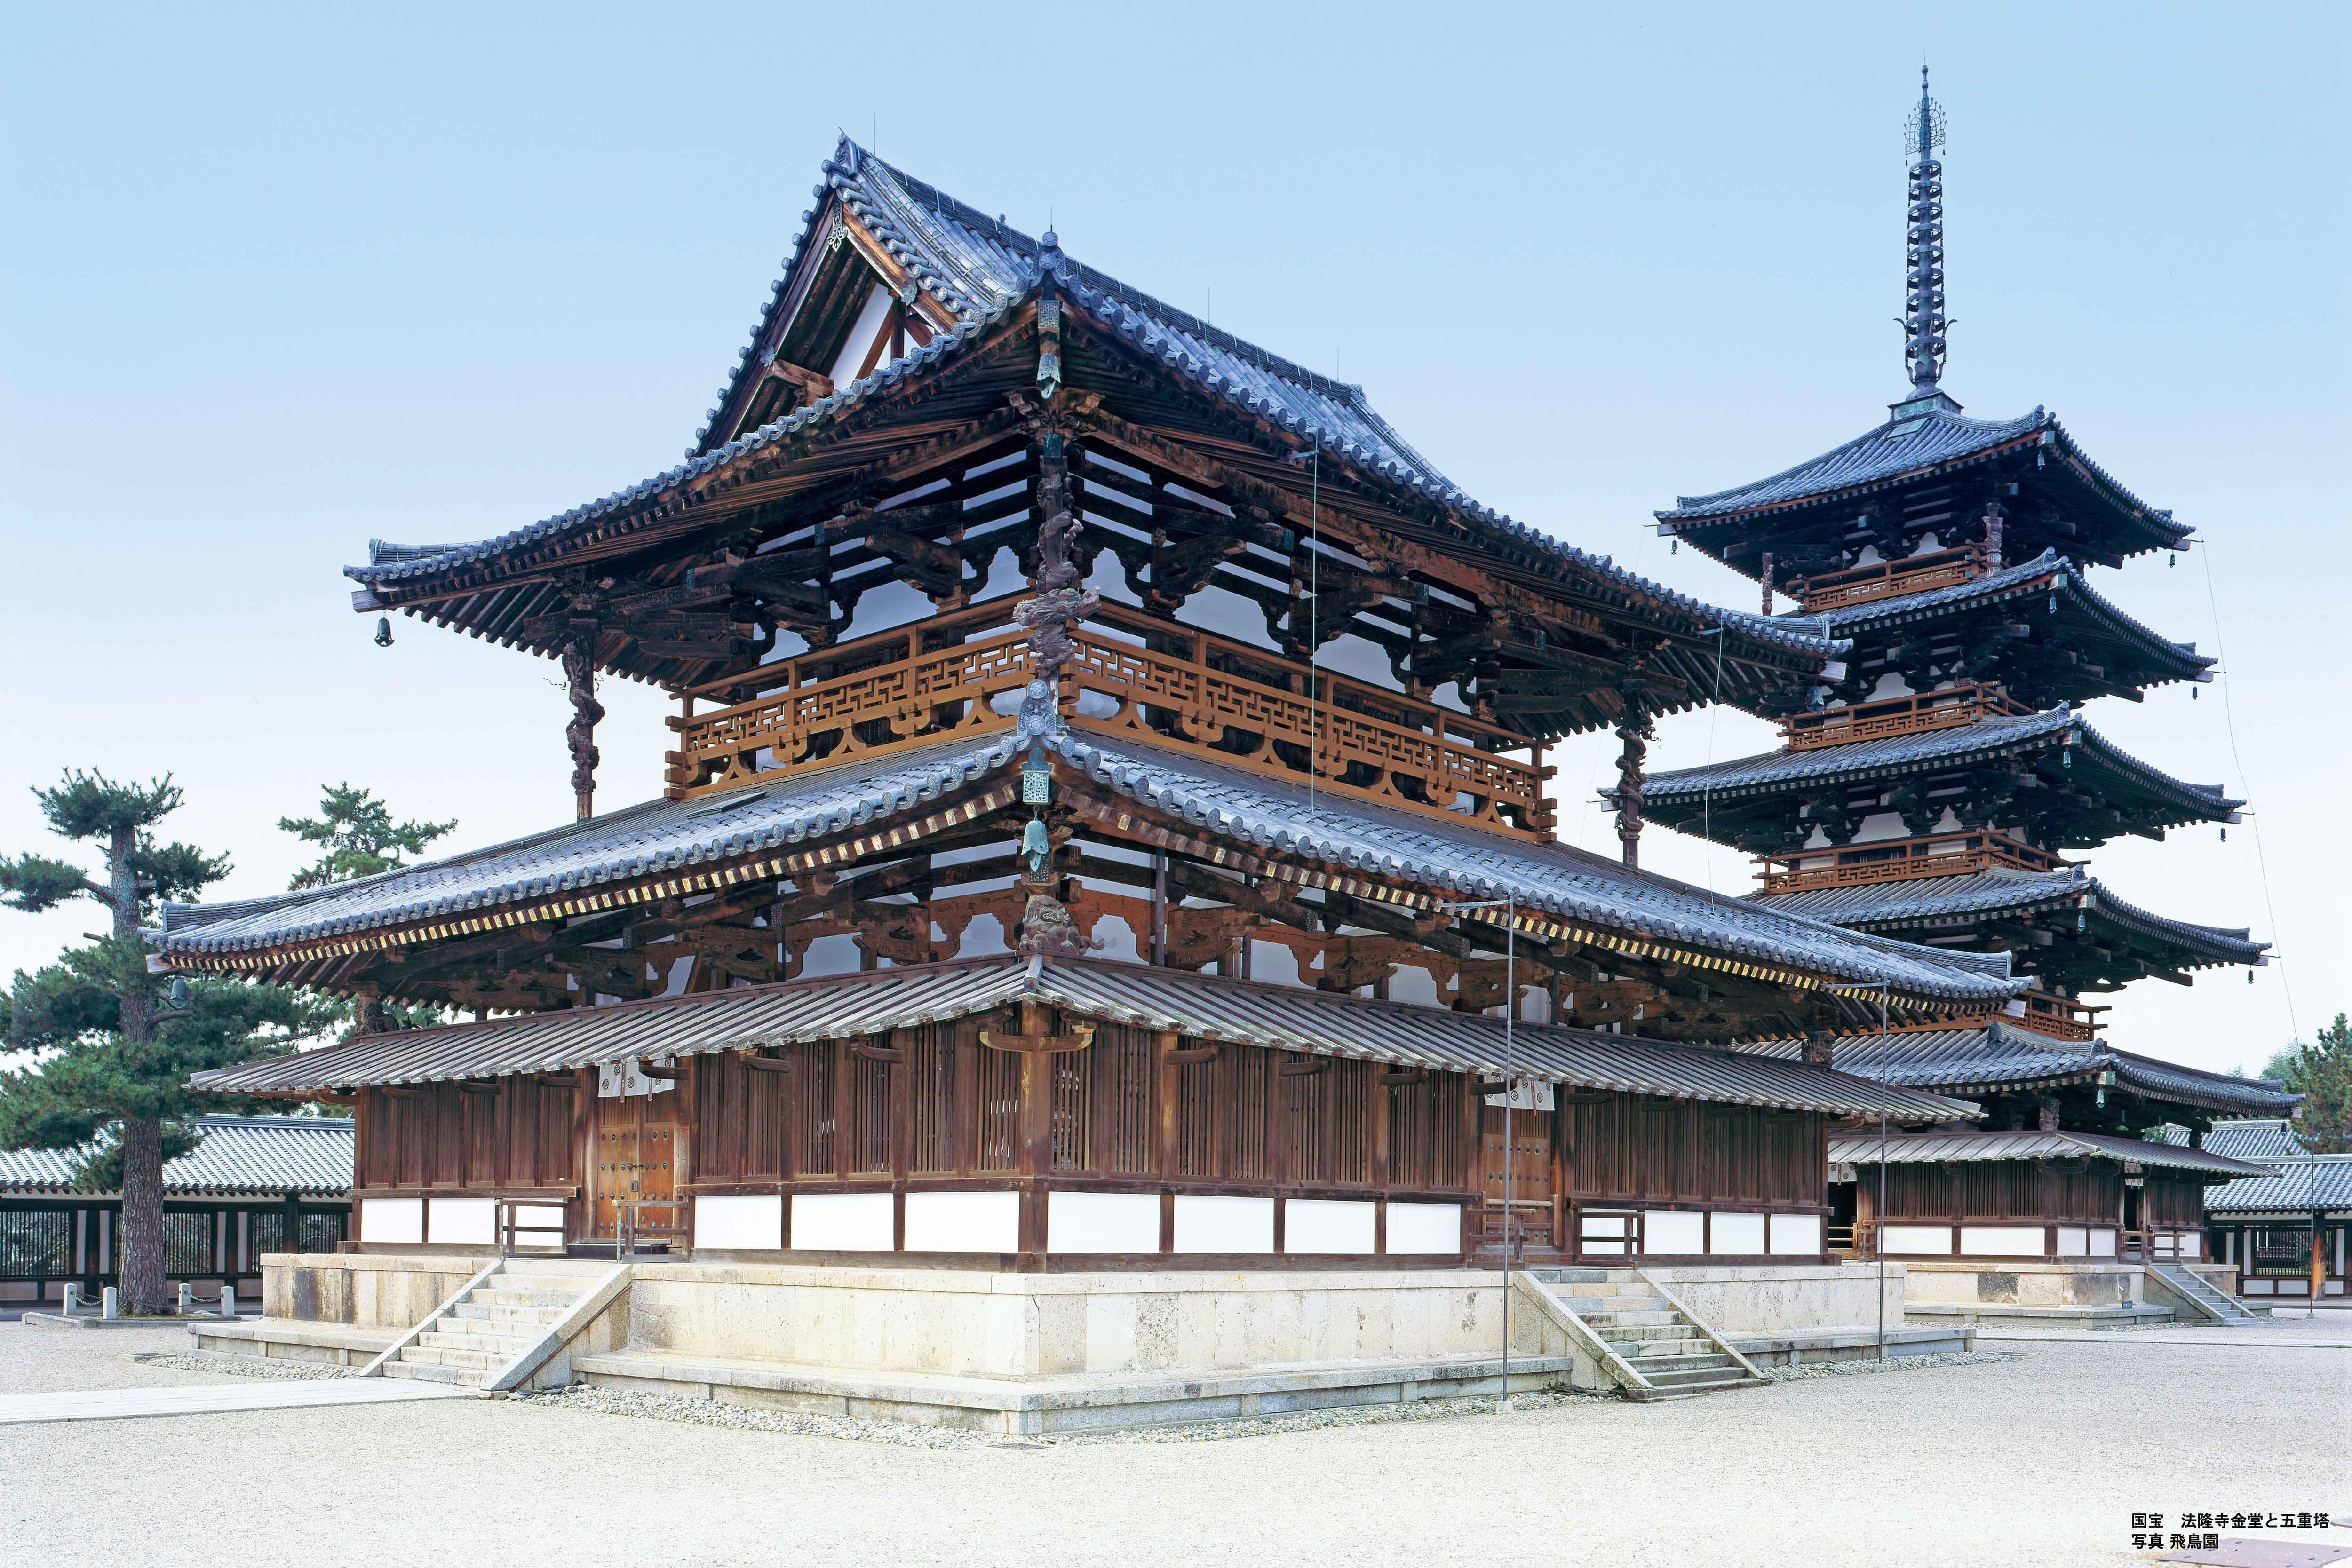 国宝 法隆寺金堂と五重塔 写真飛鳥園